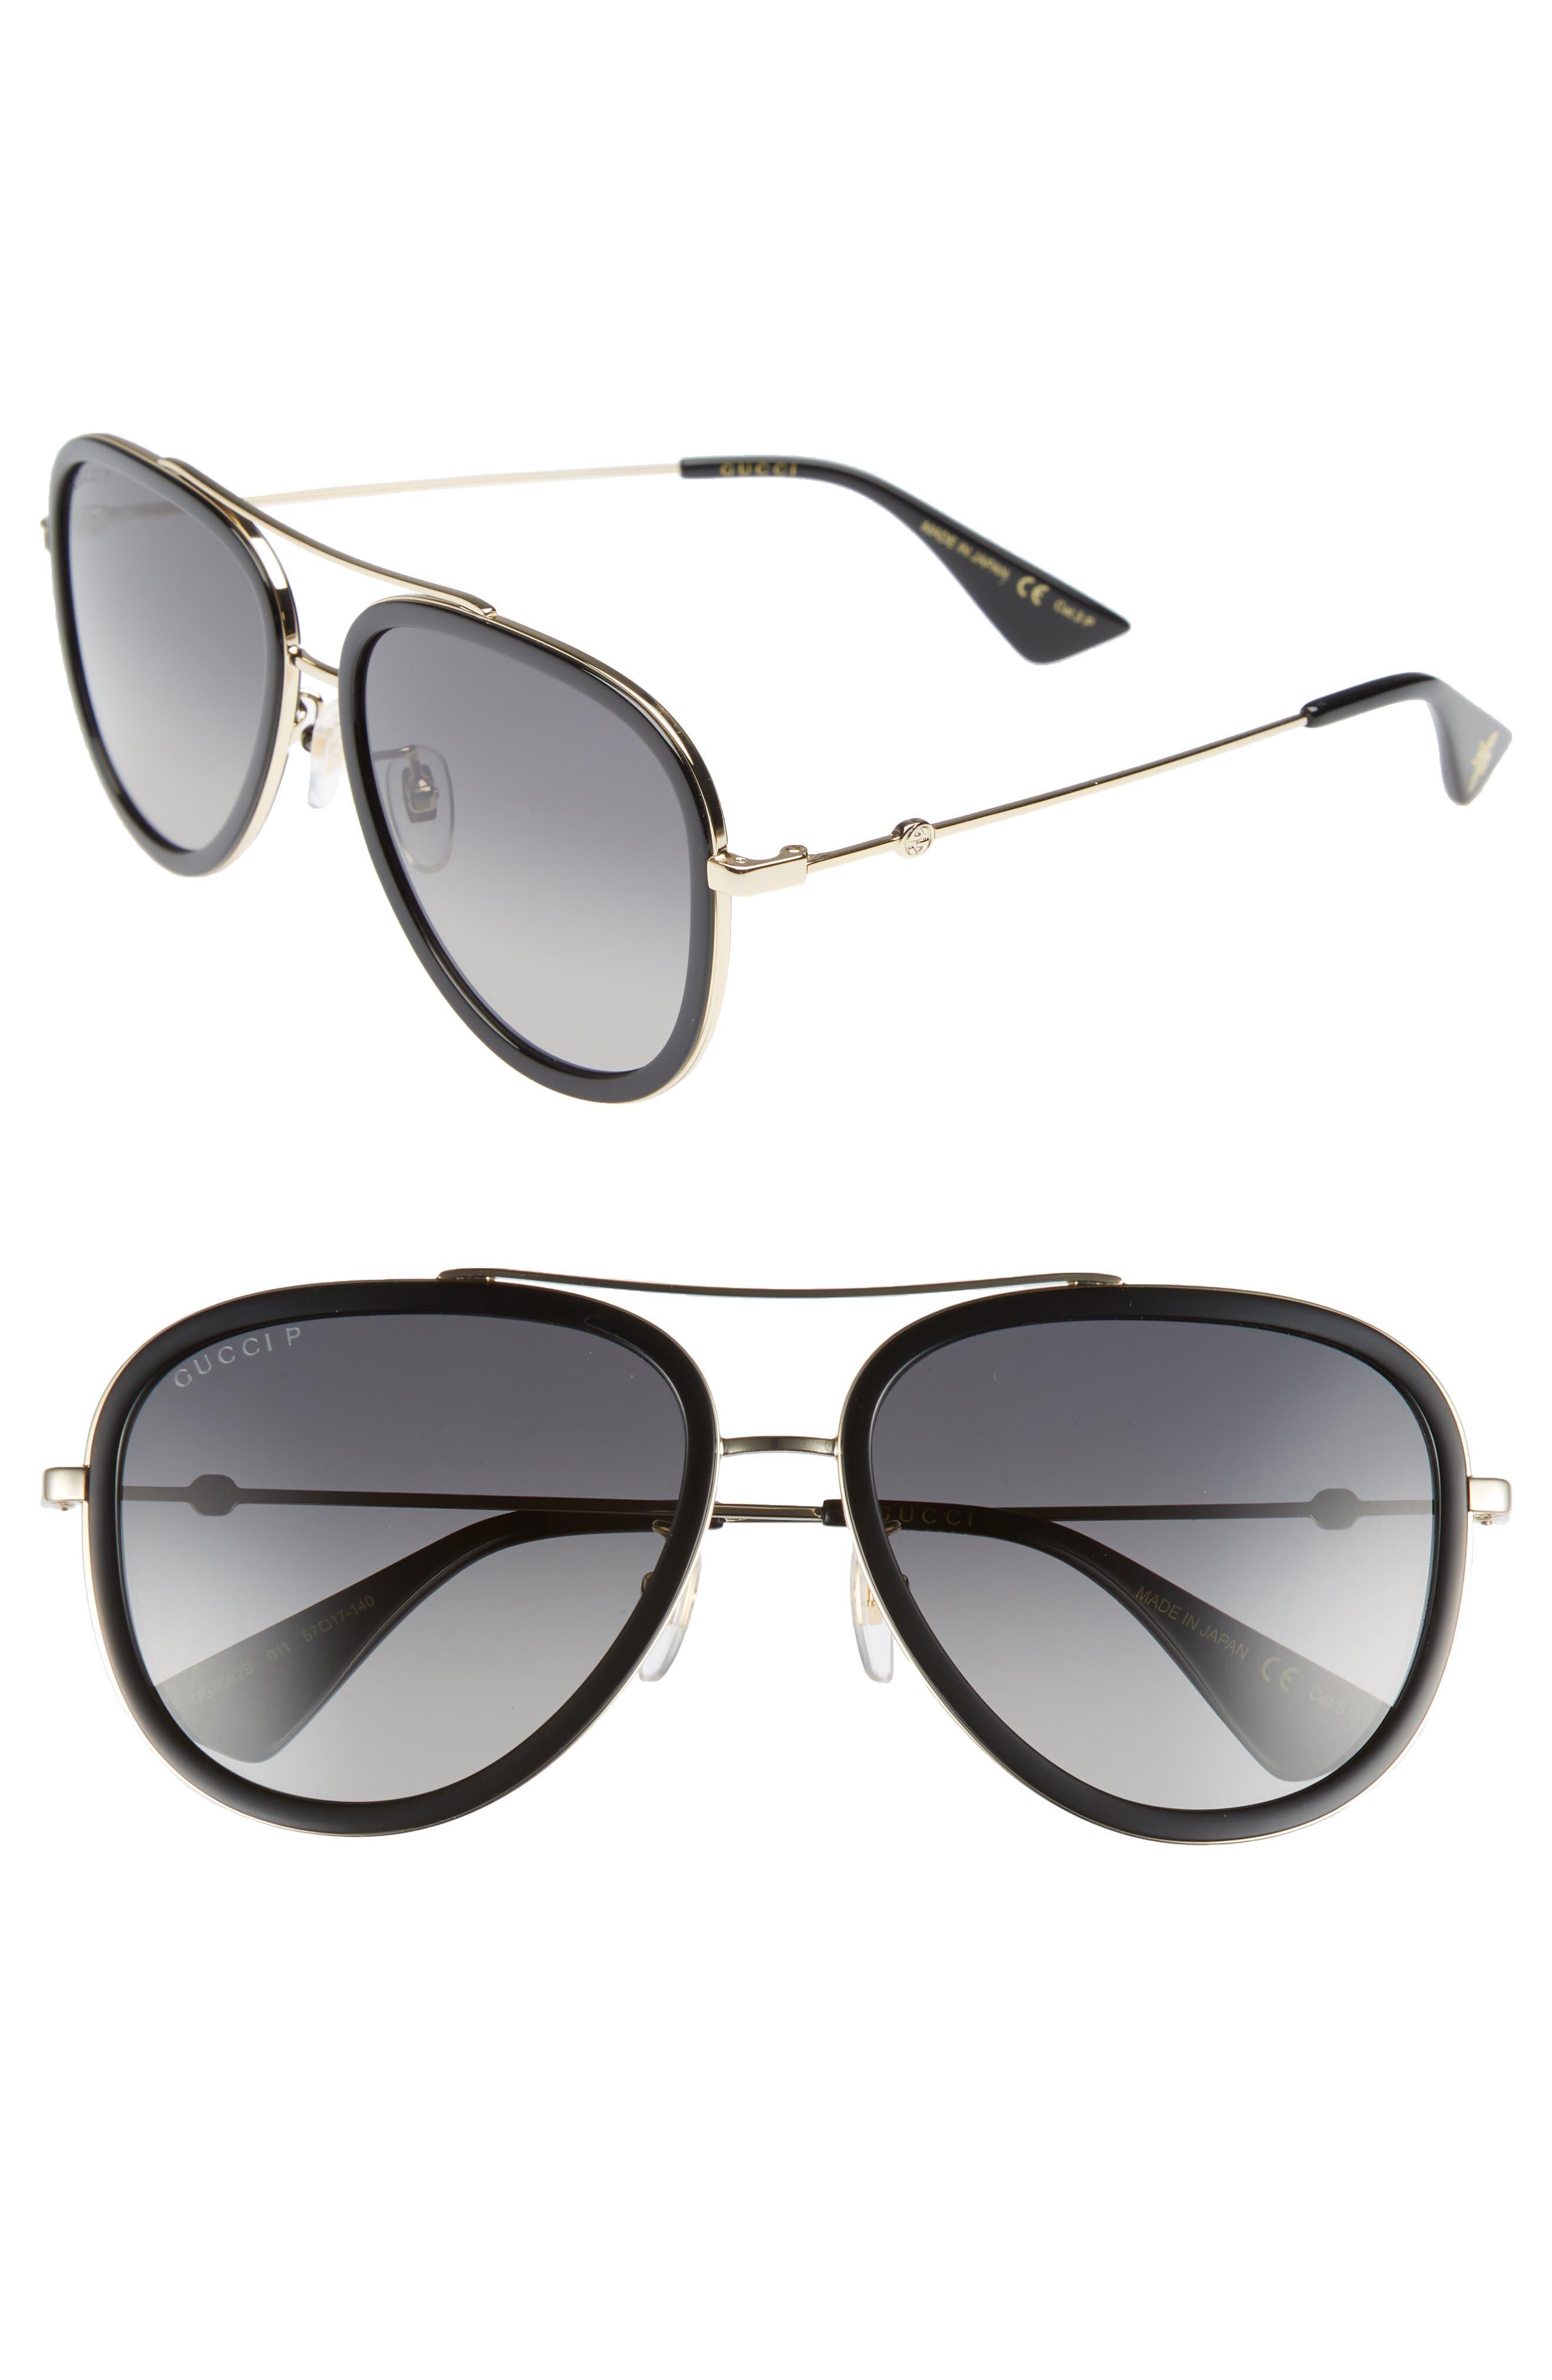 GUCCI, Web Block Pilot 57mm Polarized Aviator Sunglasses, Main thumbnail 1, color, GOLD/ BLACK